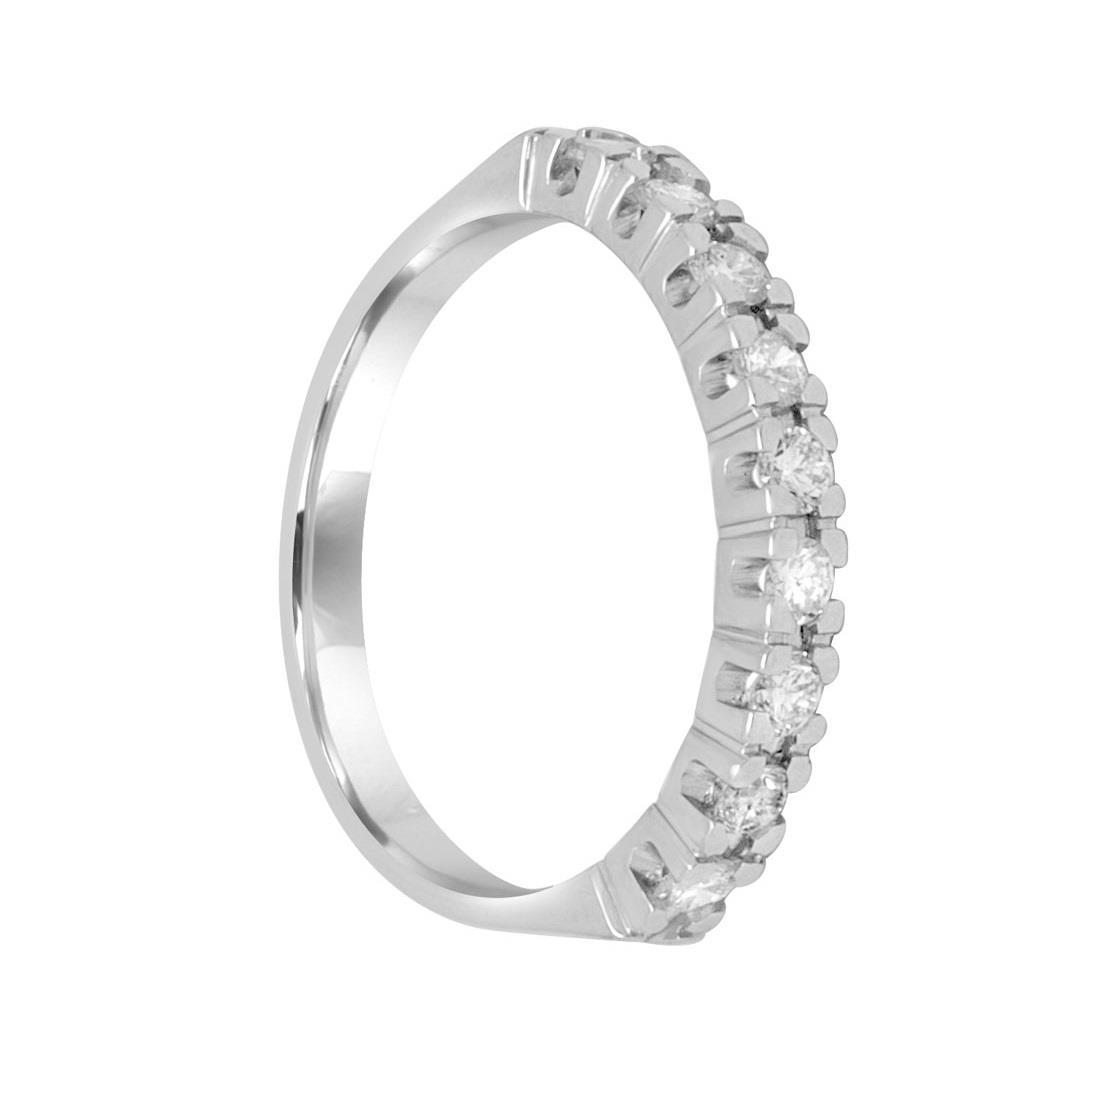 Veretta 9 pietre in oro bianco con diamanti mis 14 - ORO&CO